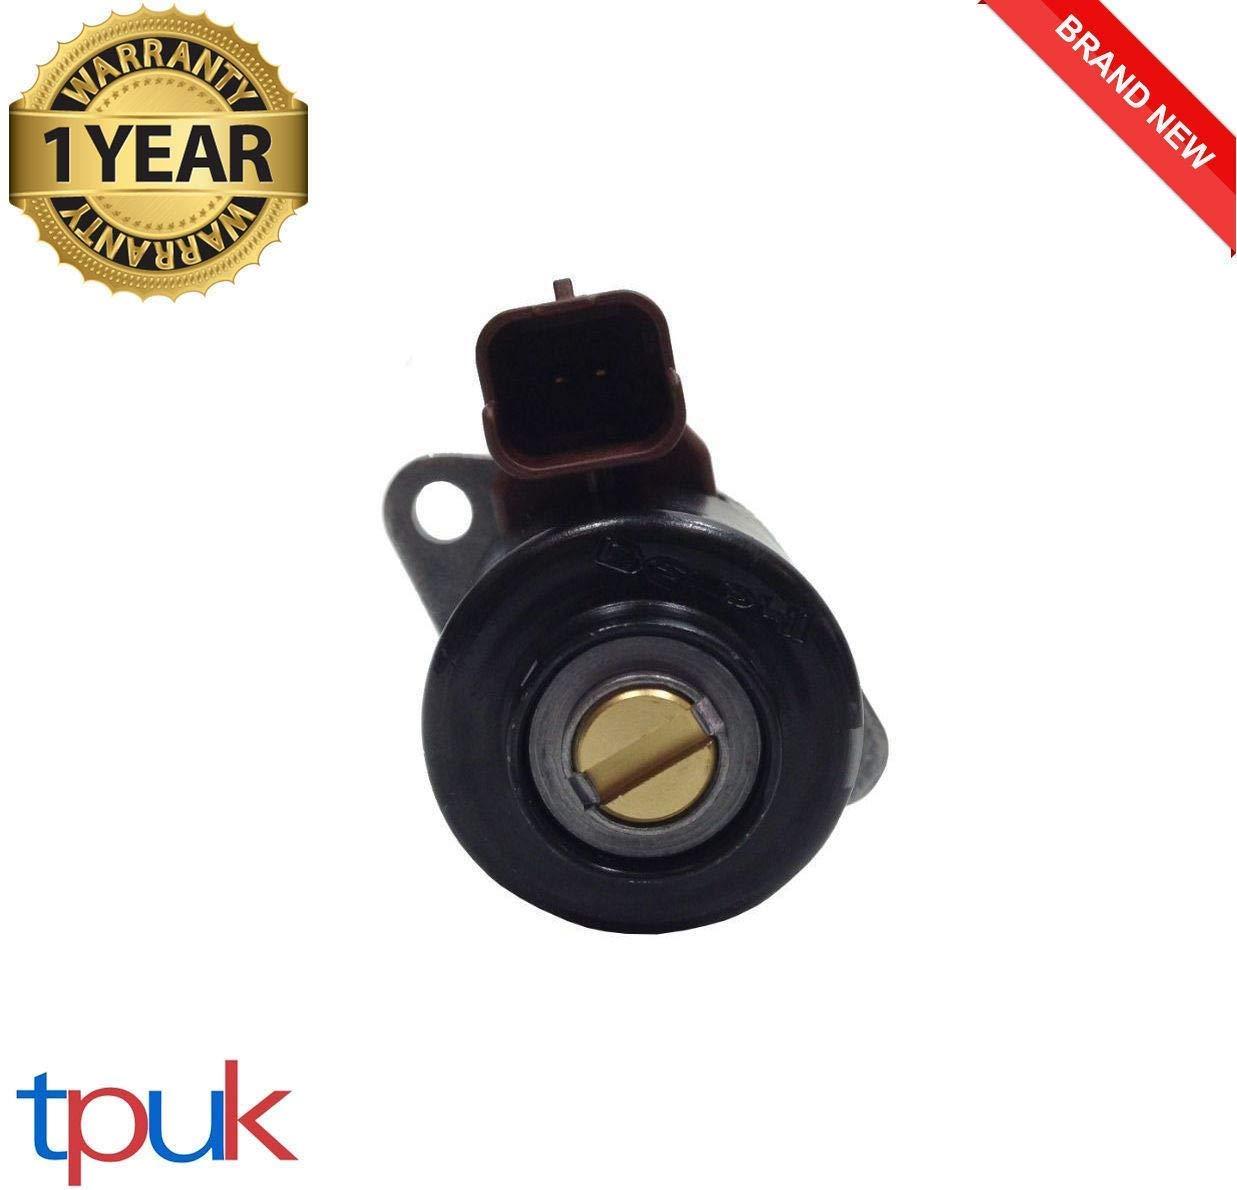 9109-903 Delphi Fuel Pump Metering Valve Transit Parts Genuine Delphi X-Type 2.2 D